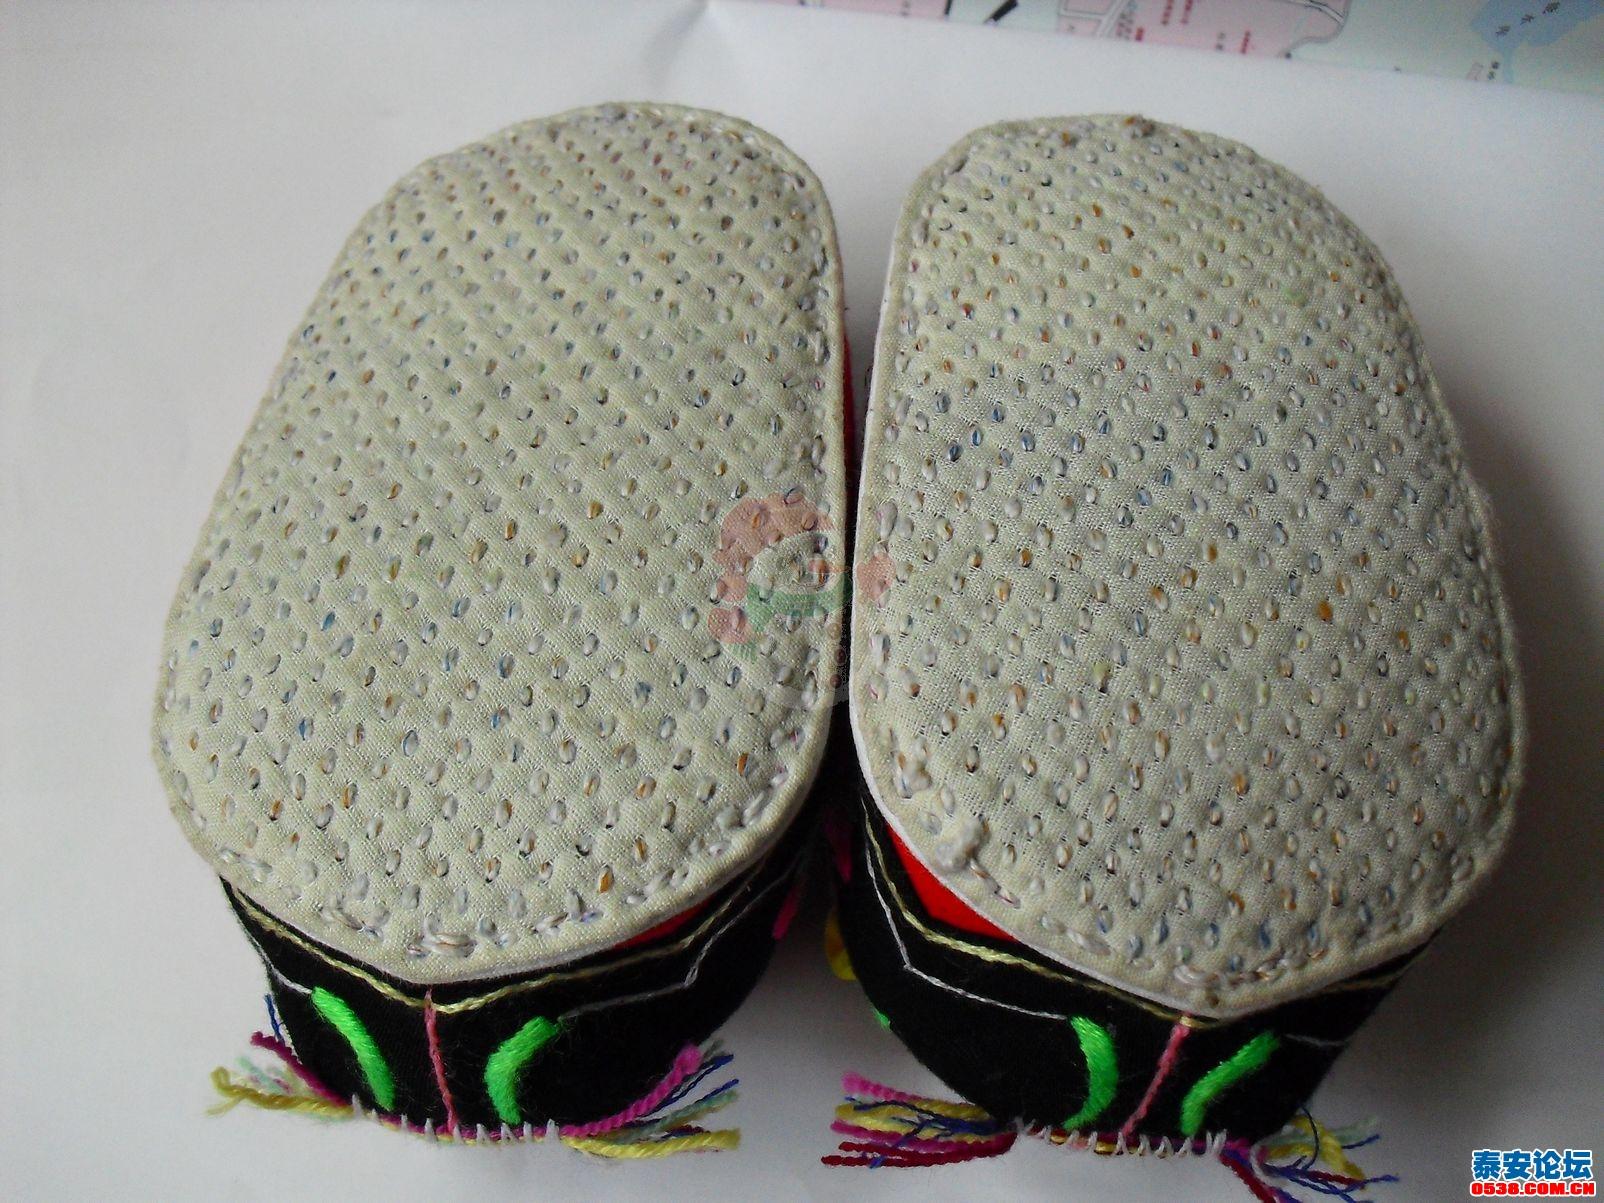 手工做的老虎鞋 有图片 ,有需要的吗